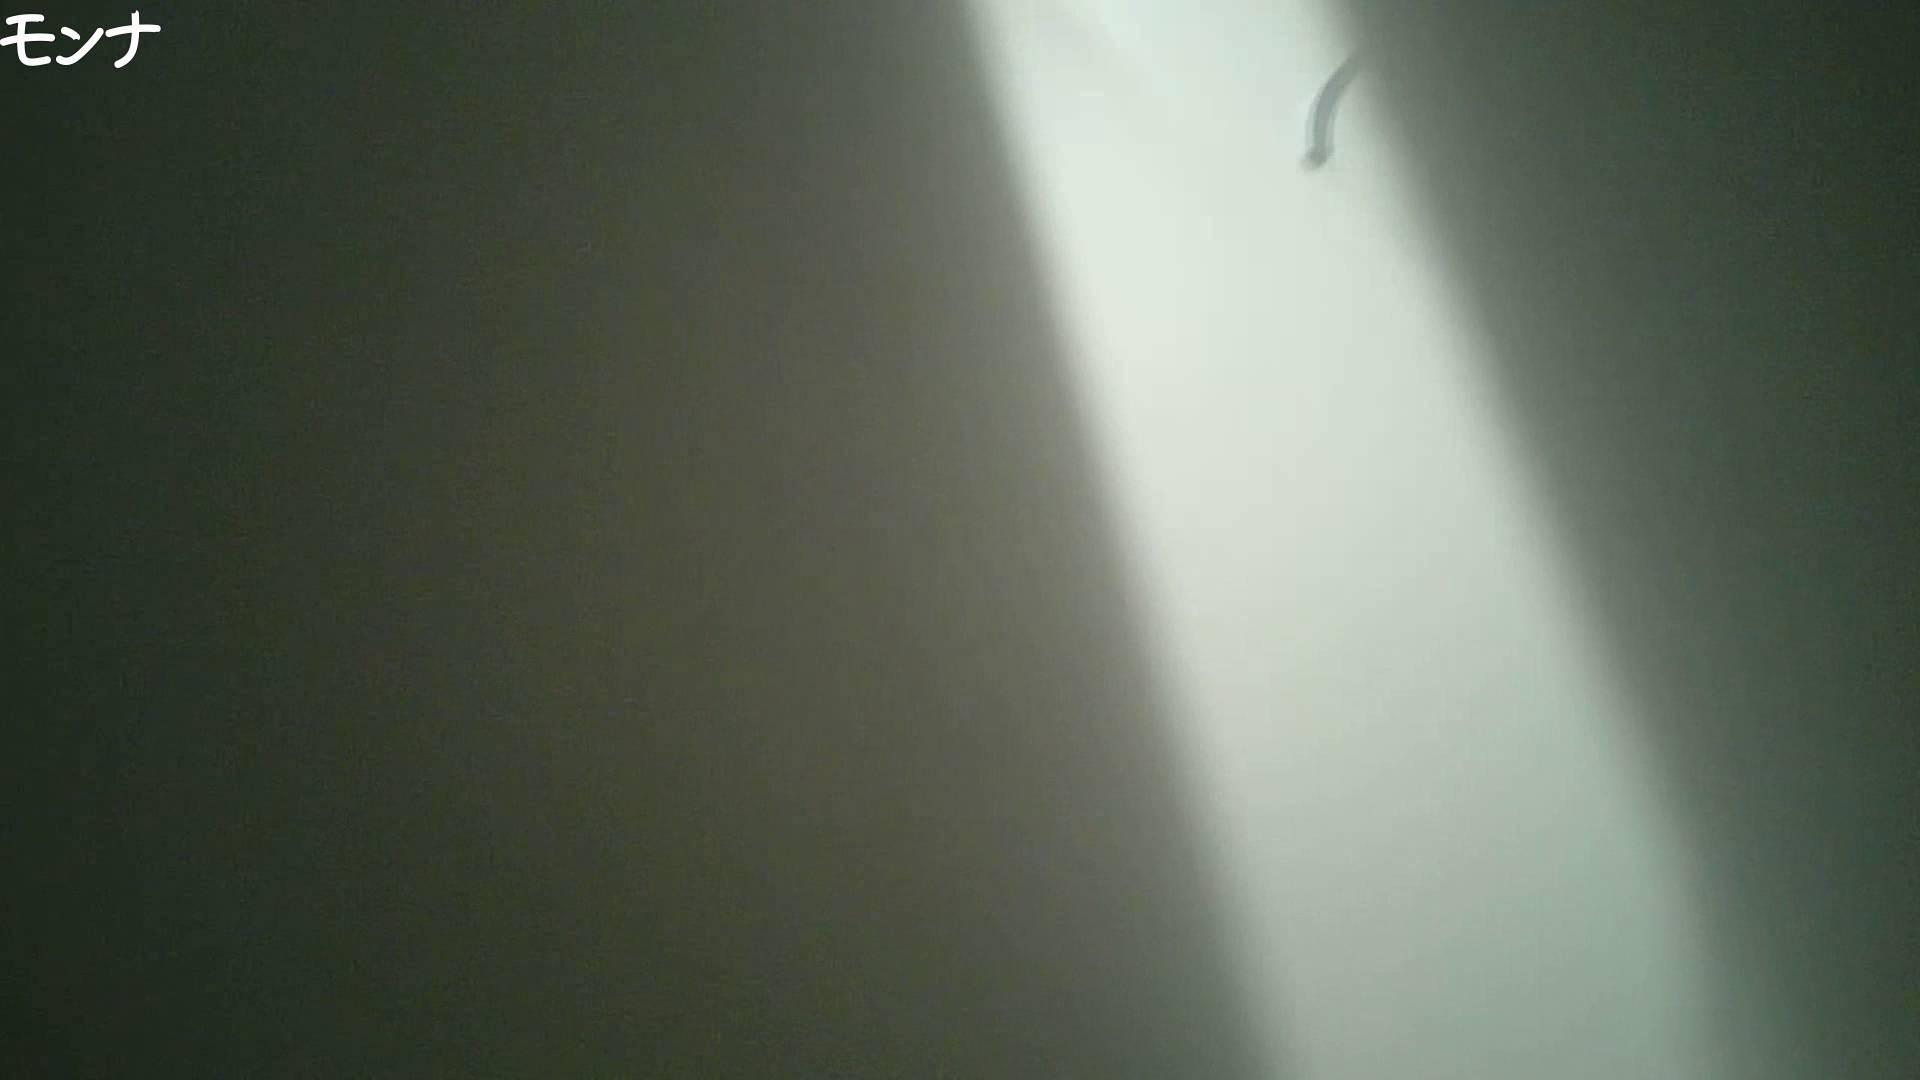 有名大学女性洗面所 vol.66 清楚系女子をがっつり!! 投稿 われめAV動画紹介 53pic 16